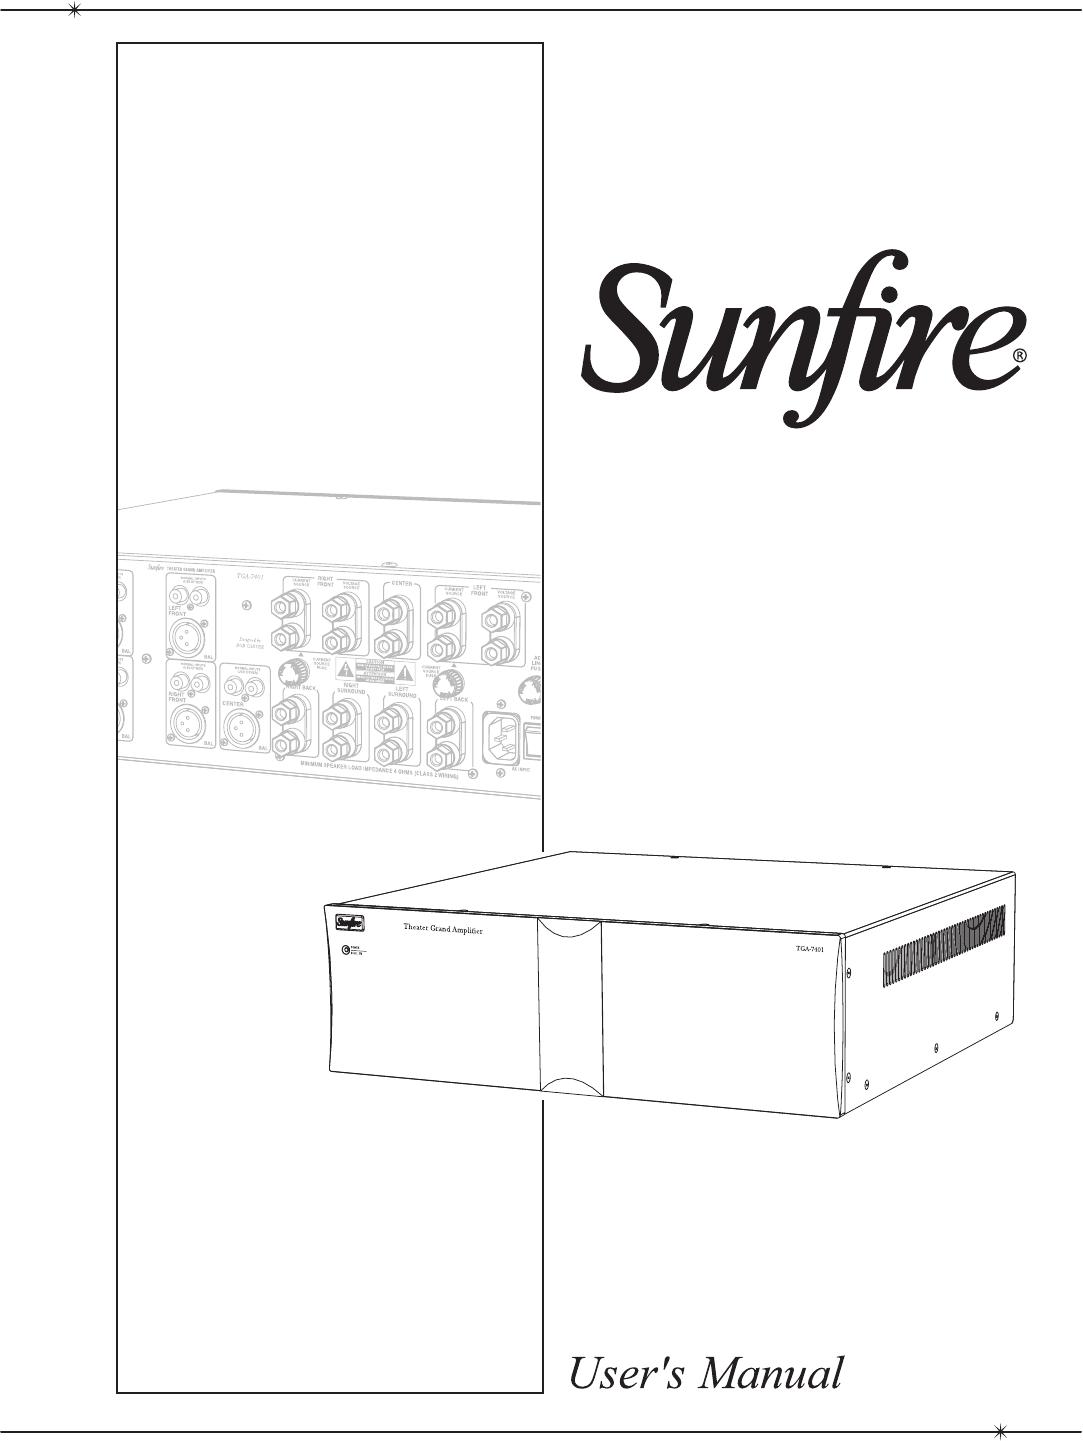 Sunfire TGA-7201-230, TGA-7401-230, TGA-7201, TGA7401 manual